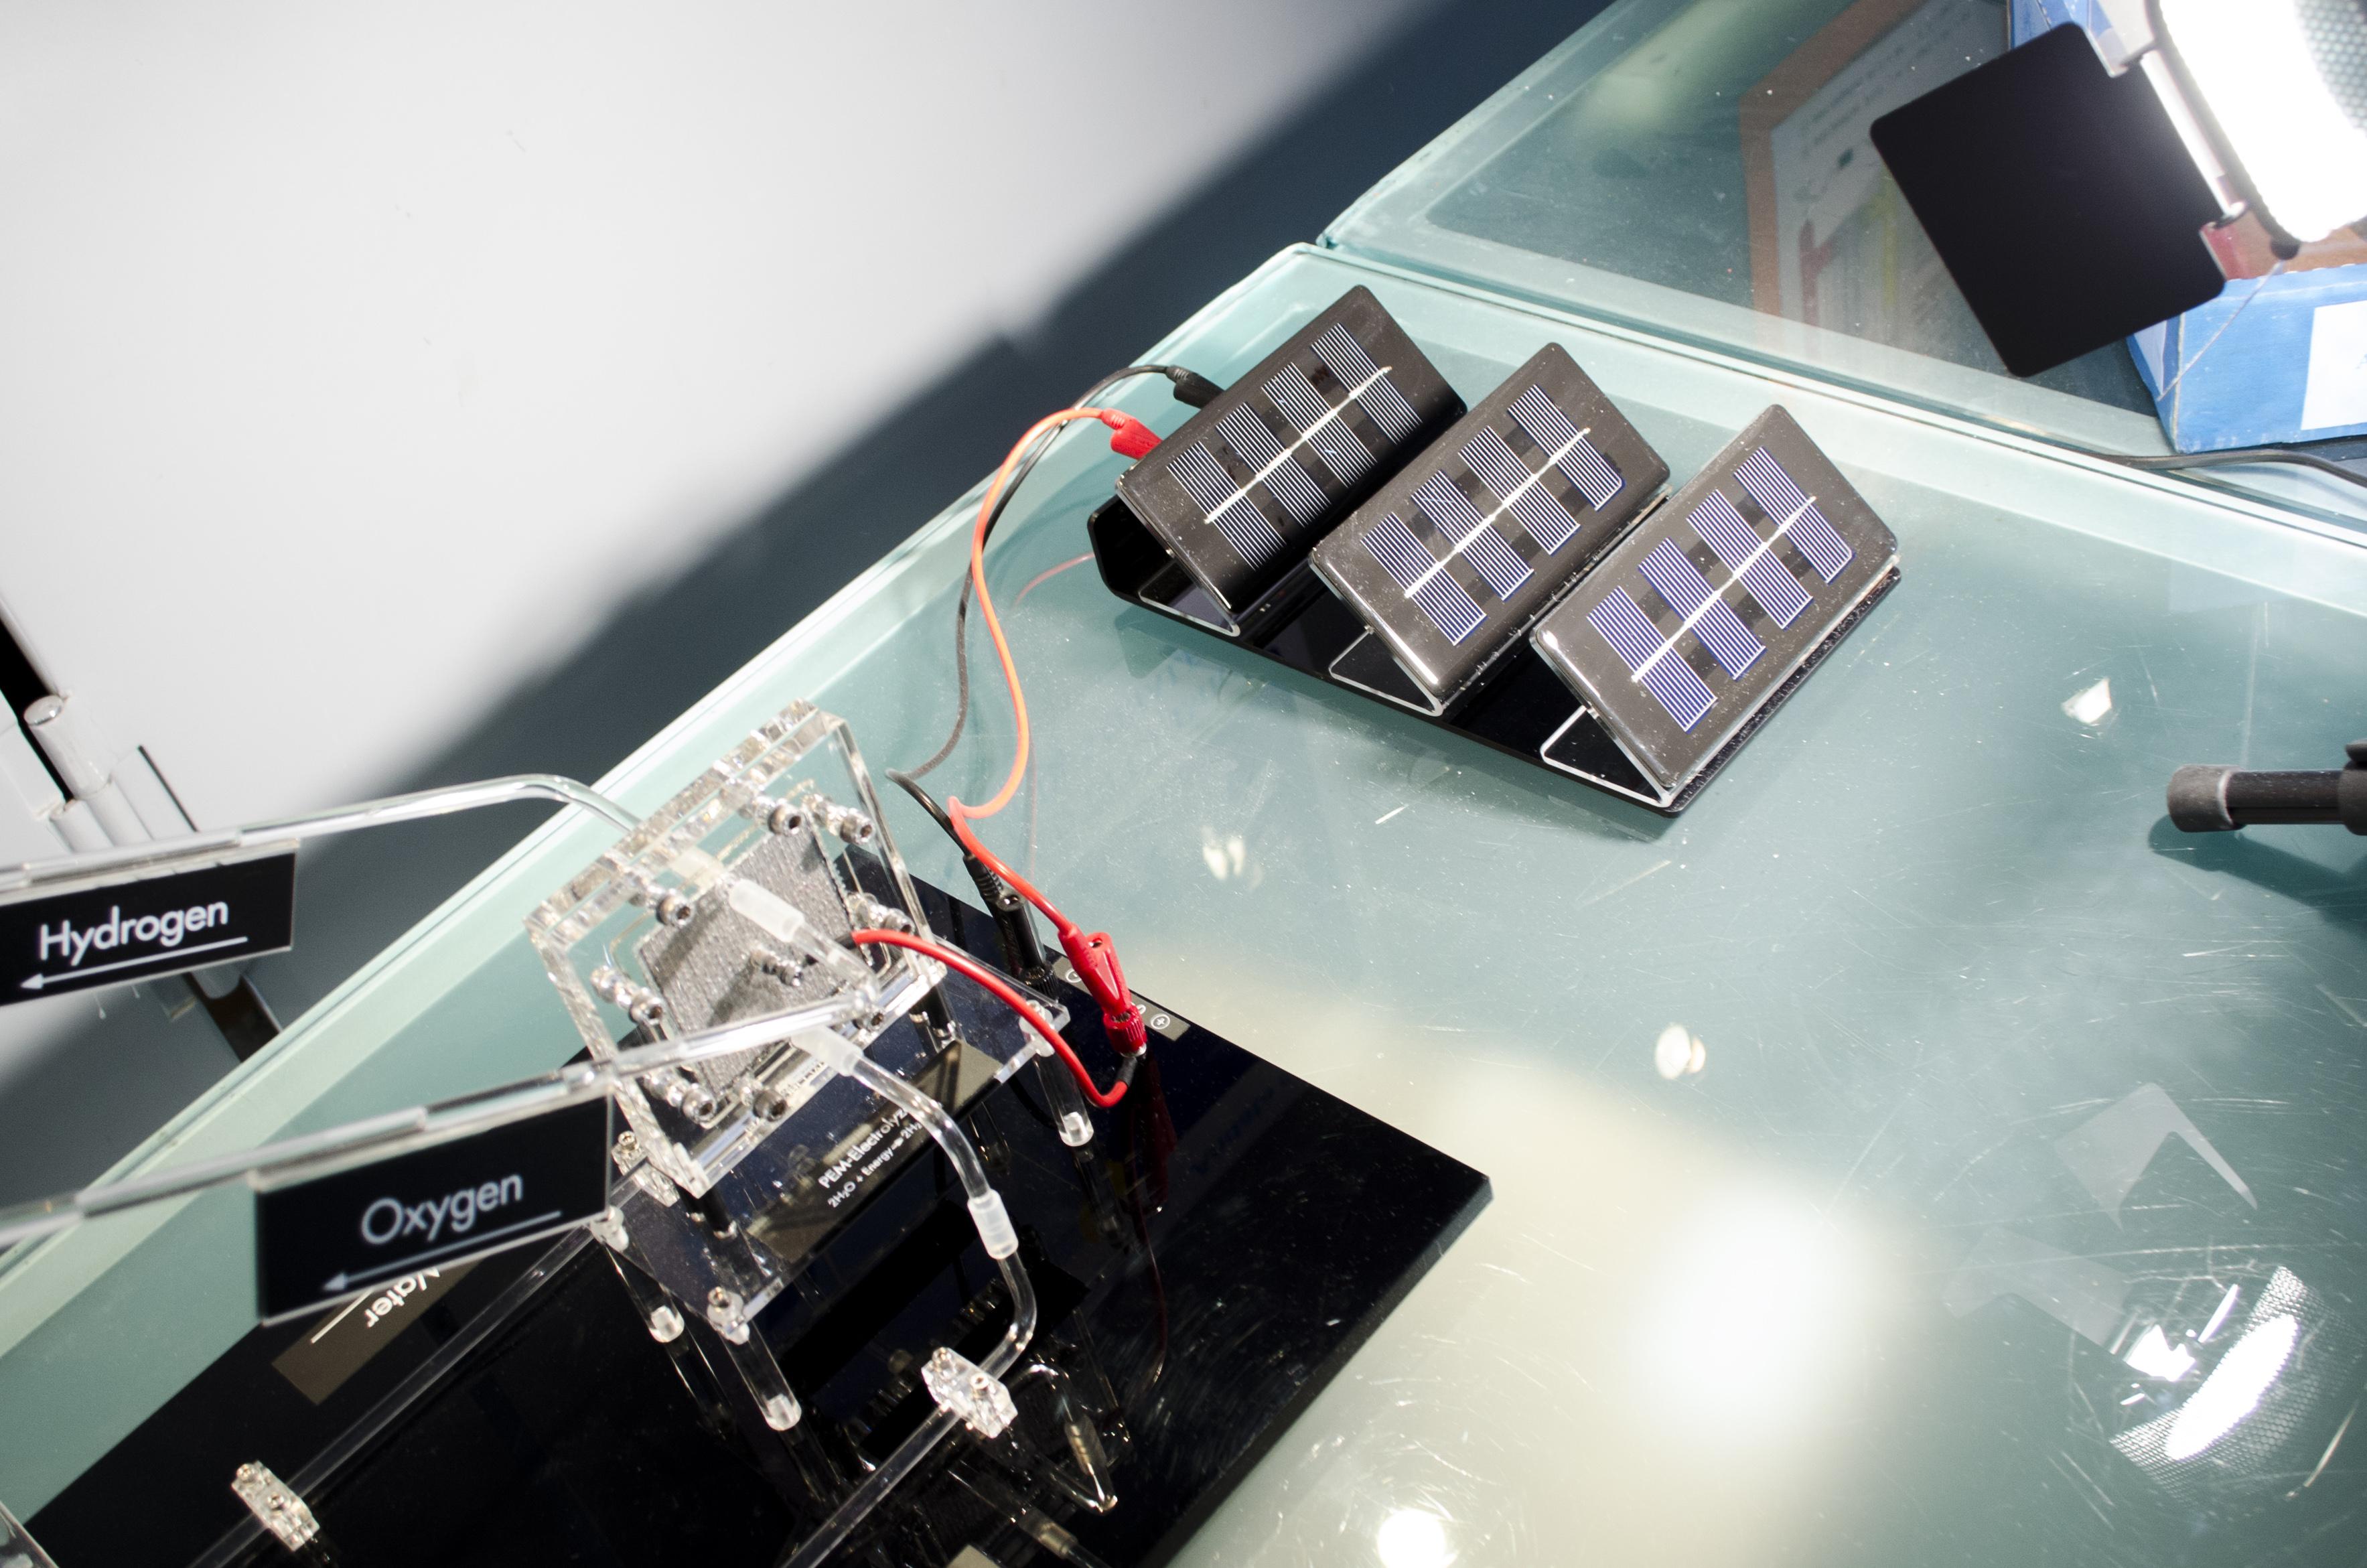 Pannello Solare Ibrido Ad Idrogeno : Ludoteca scientifica idrogeno energia per il futuro